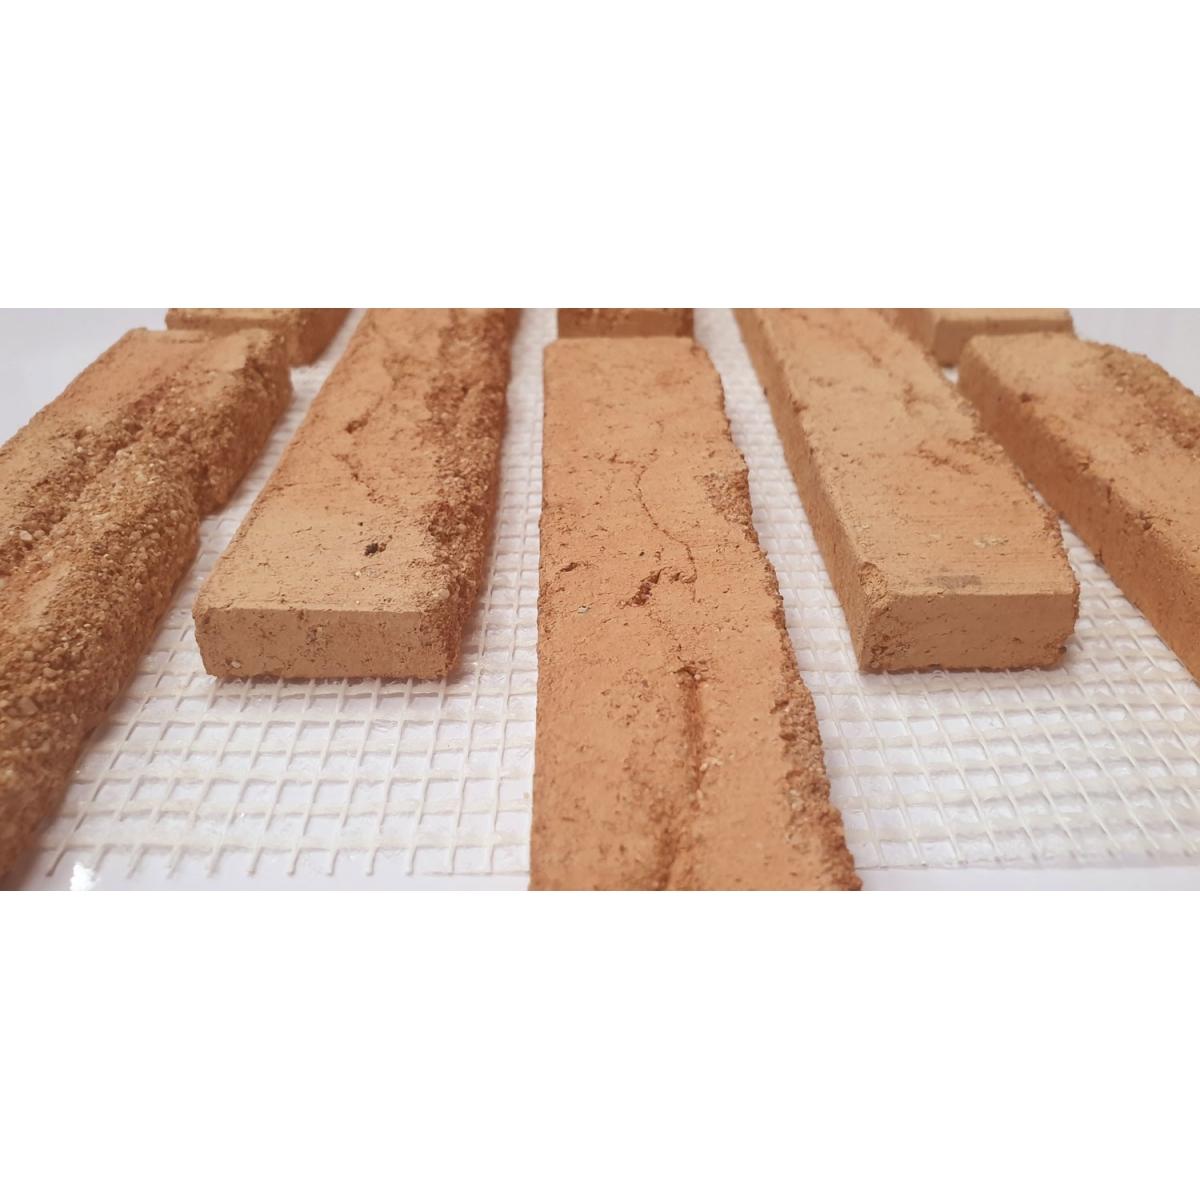 Plaqueta de ladrillo enmallada para revestimiento interior y exterior tono enarenado destonificado